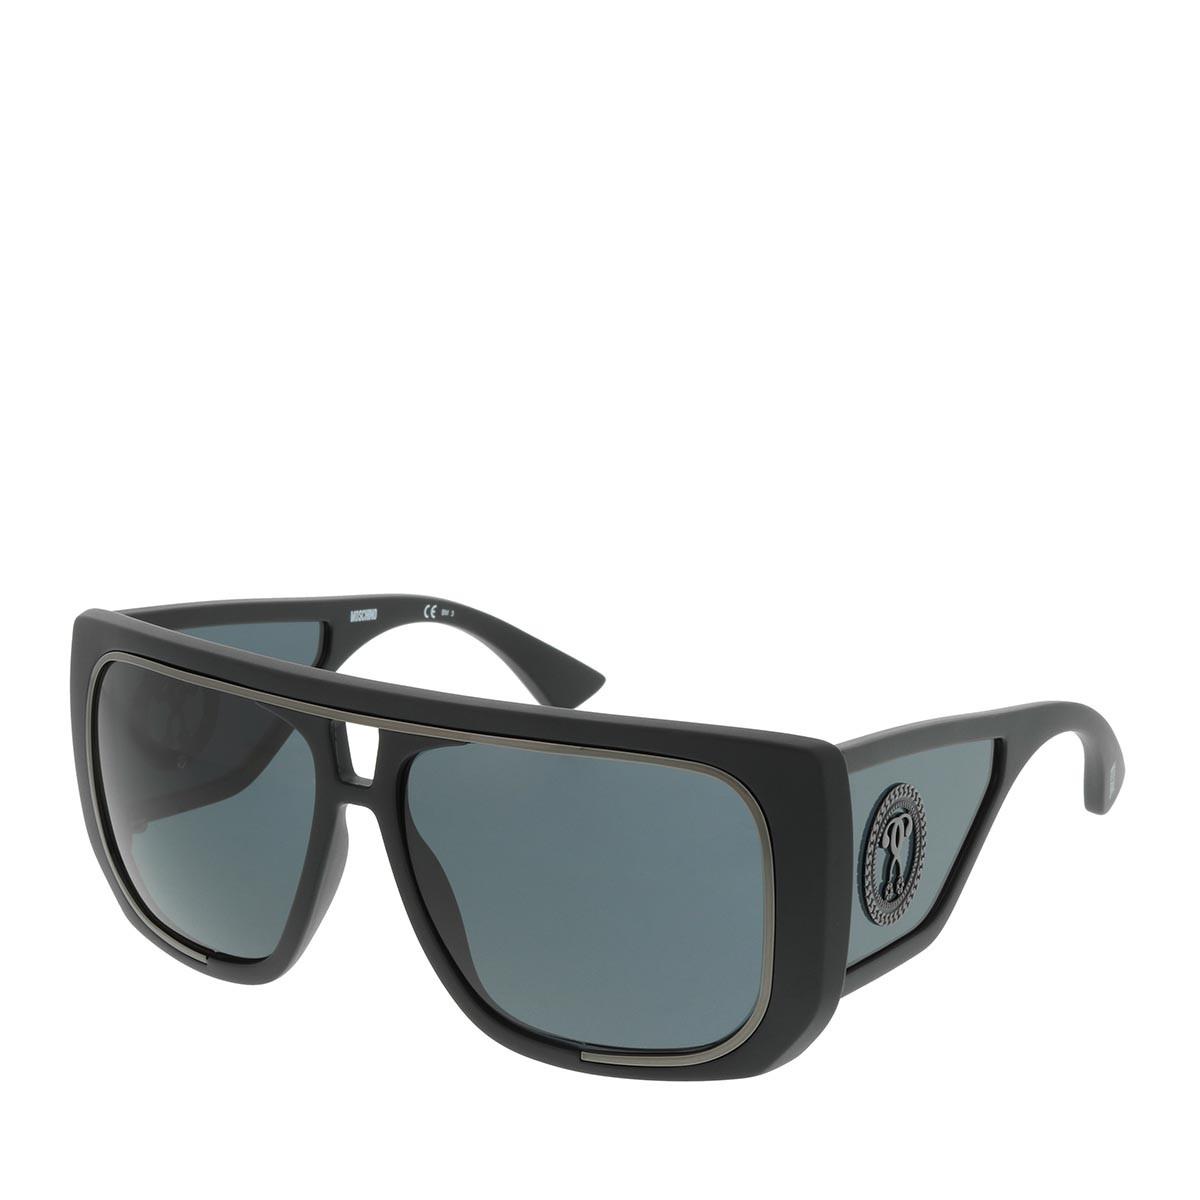 Moschino Sonnenbrille - MOS021/S Matt Black - in schwarz - für Damen